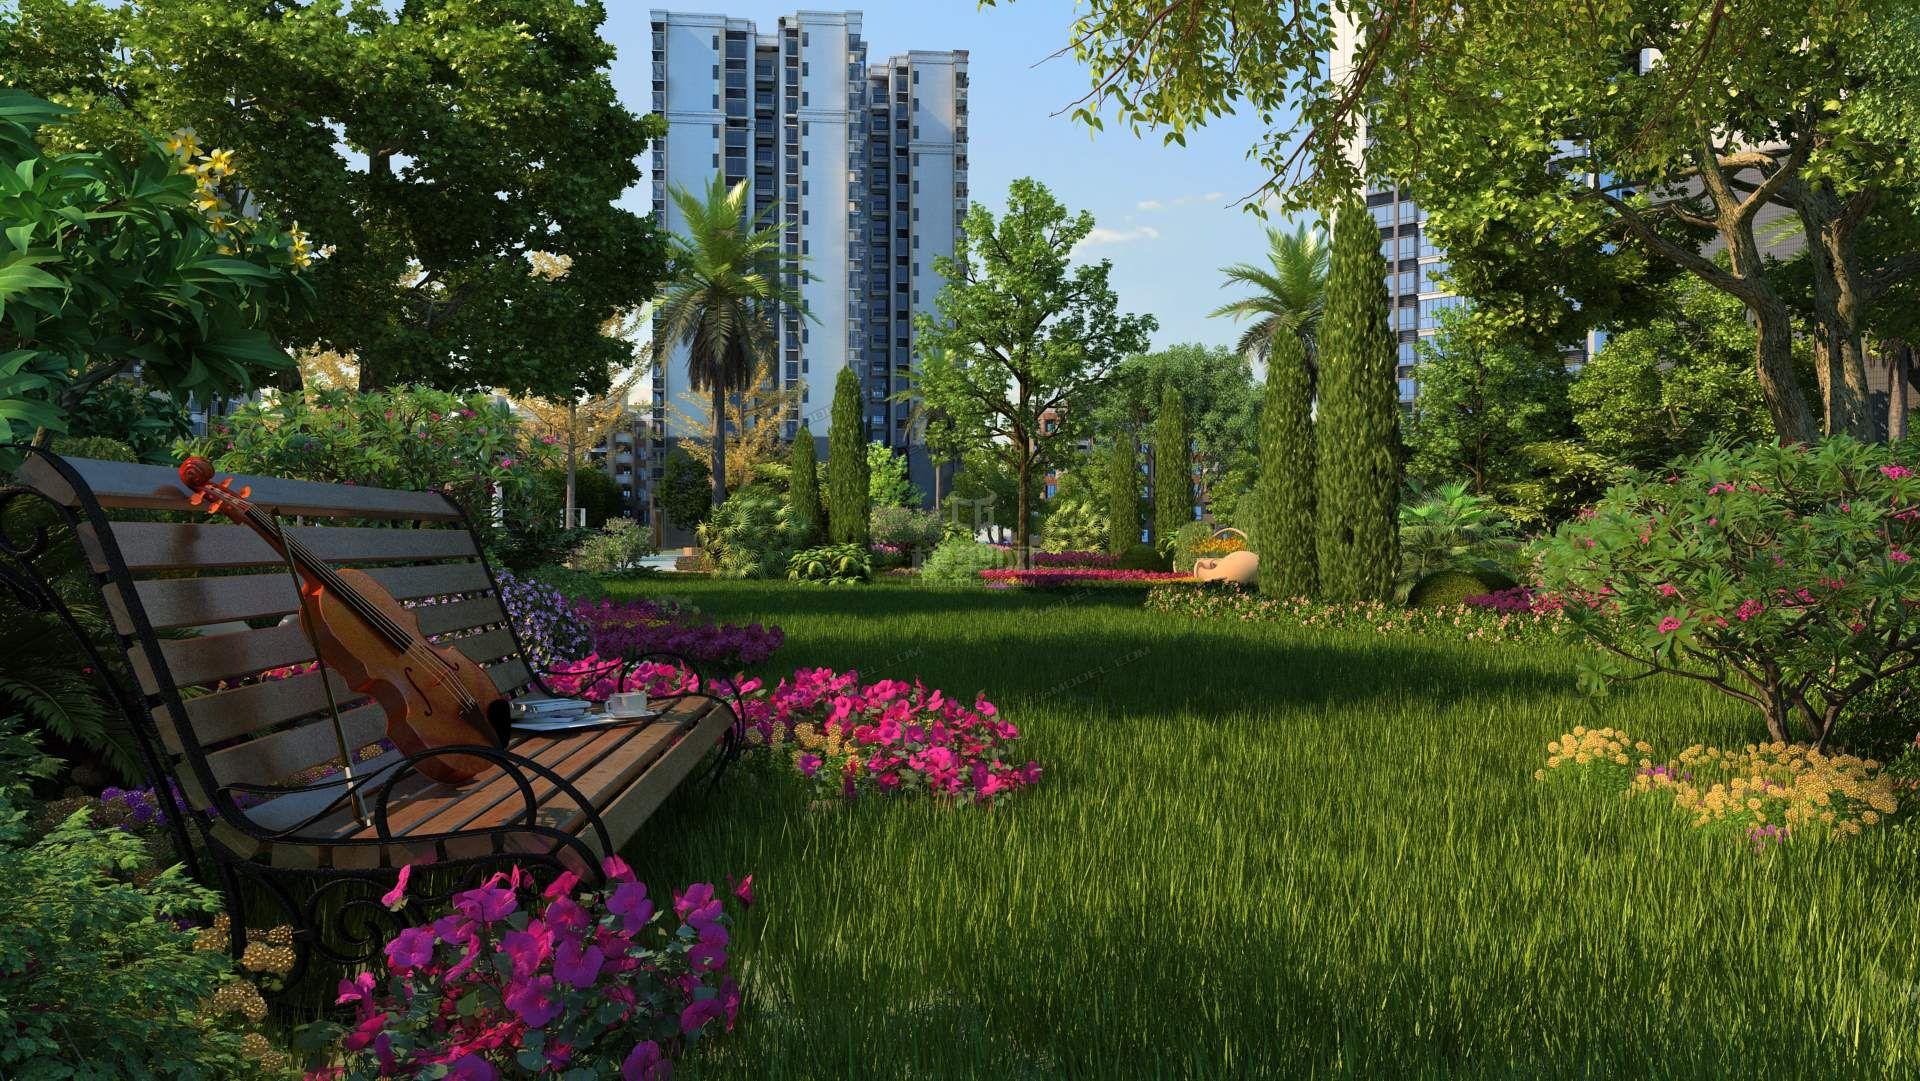 精美小区园林景观 意境场景 草坪-自然场景-场景-素材